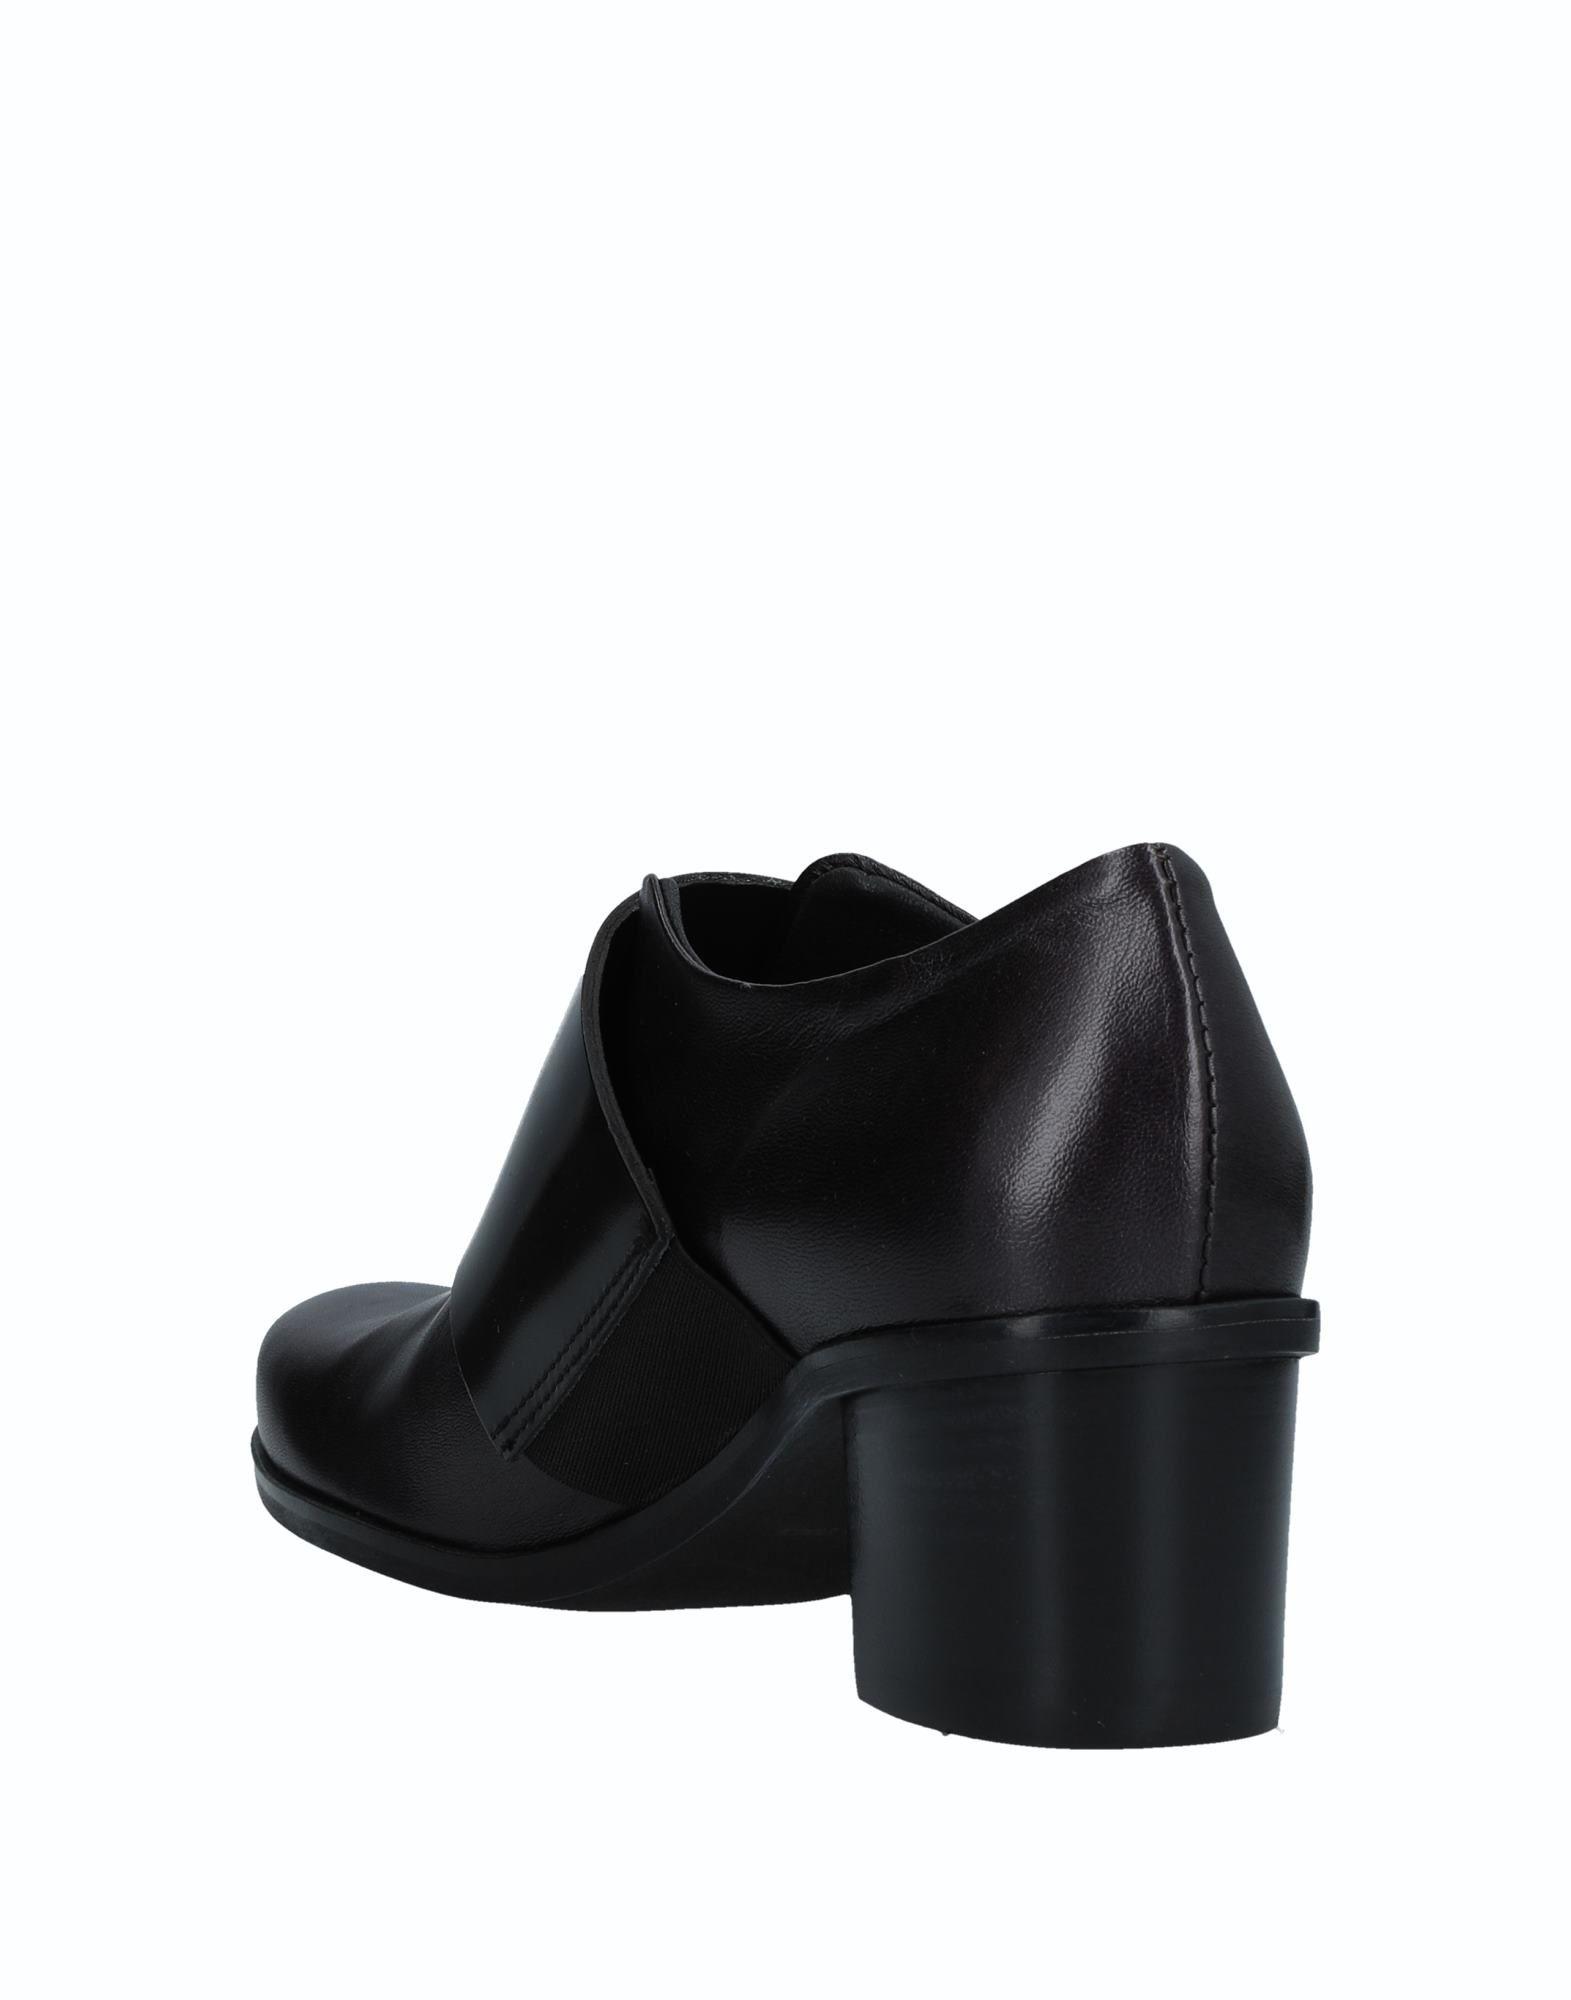 Lilimill Mokassins Damen  Gute 11523760BO Gute  Qualität beliebte Schuhe 08f755